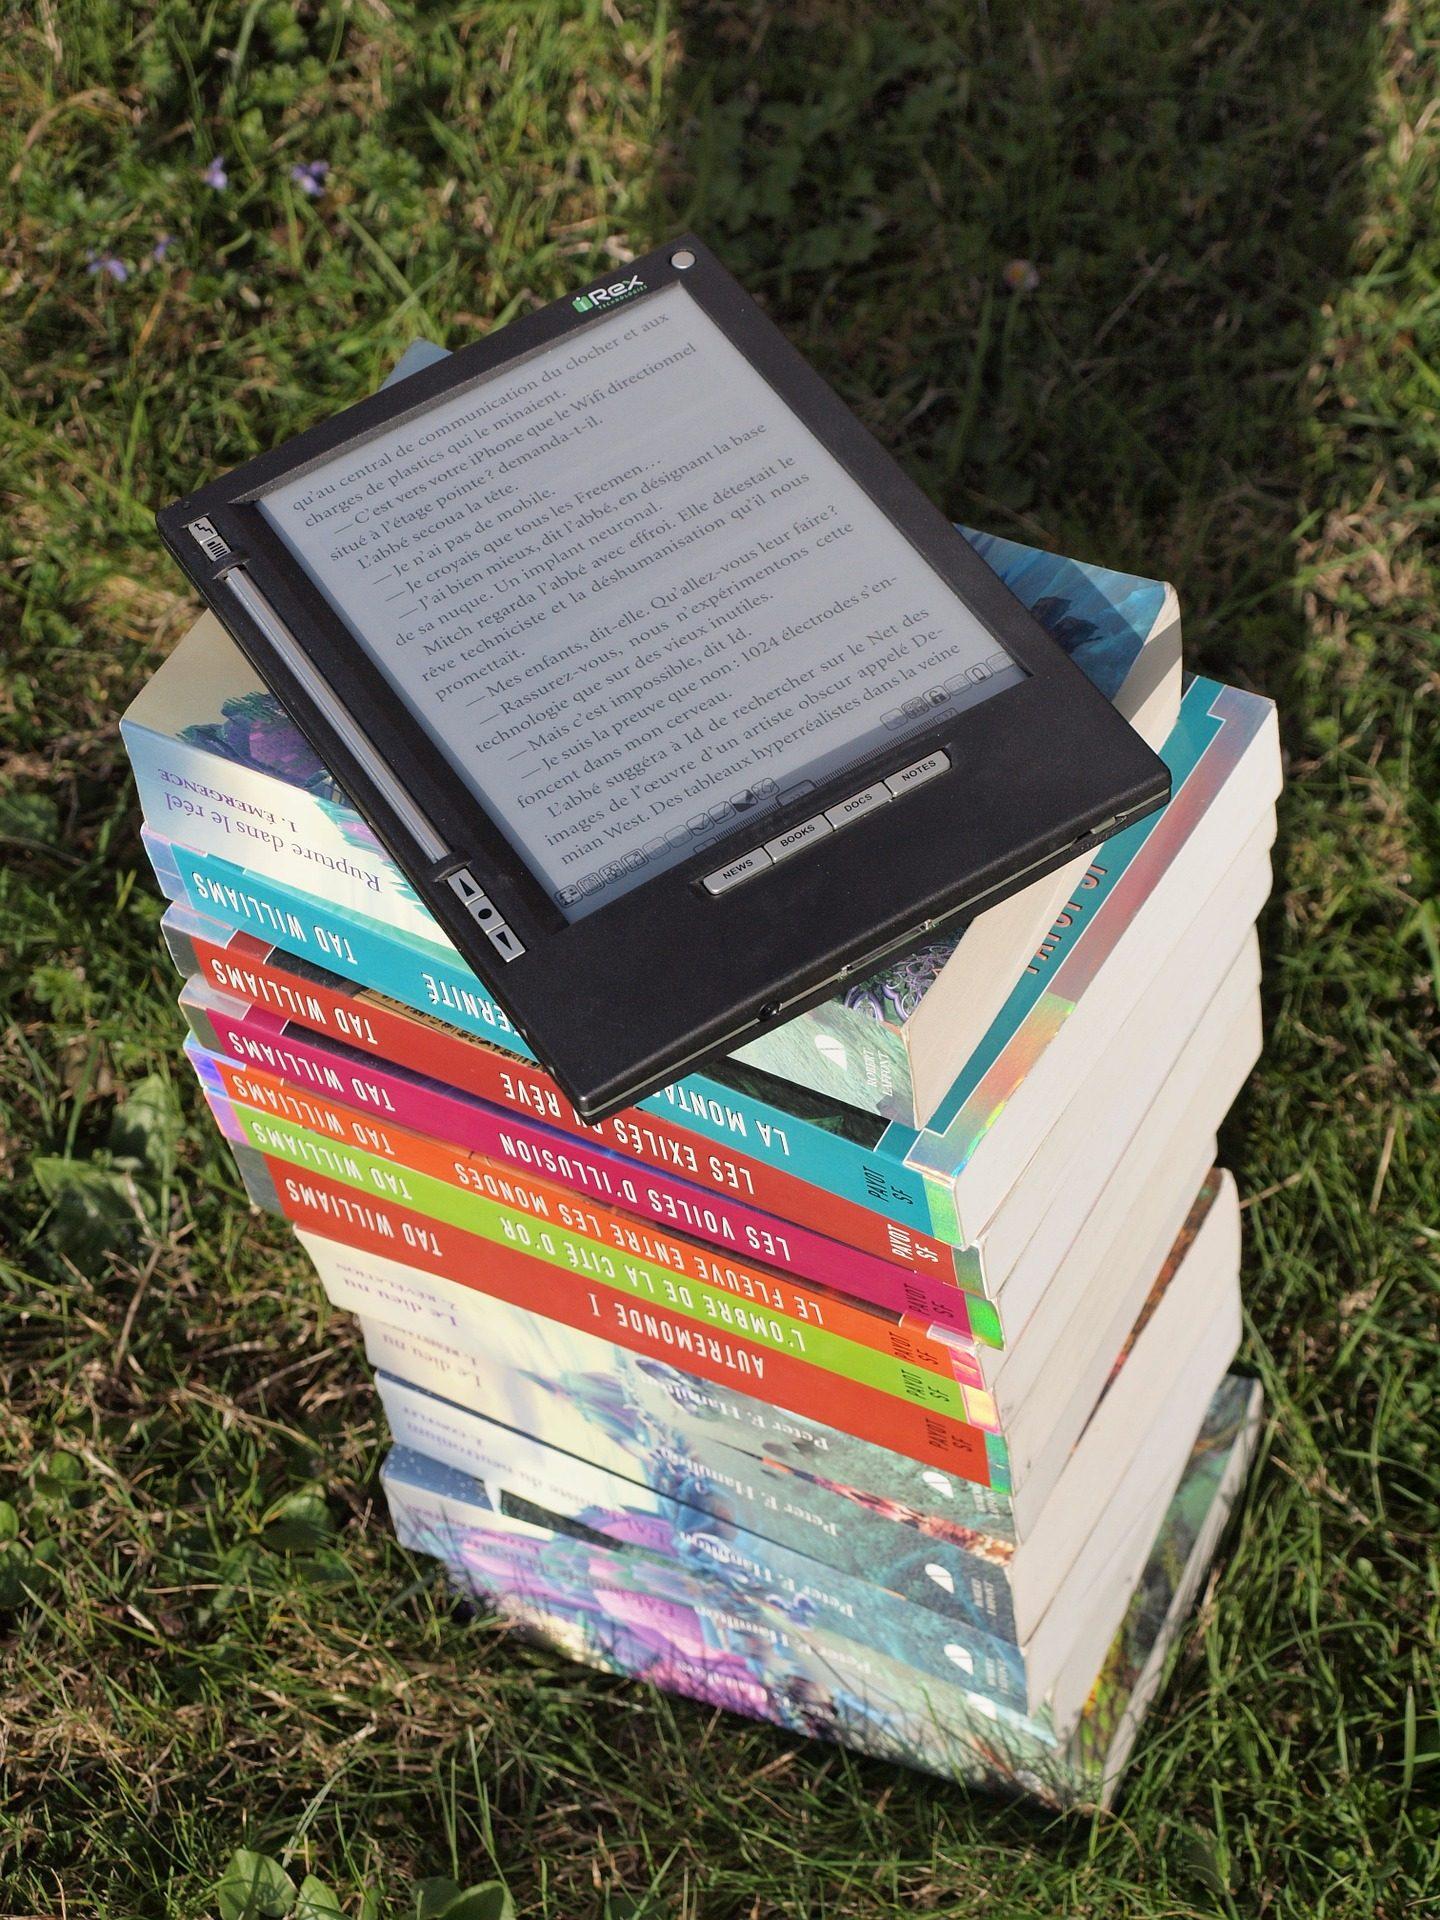 الكتب, الكثير, القارئ, الإلكترونية, كيندل, قراءة - خلفيات عالية الدقة - أستاذ falken.com